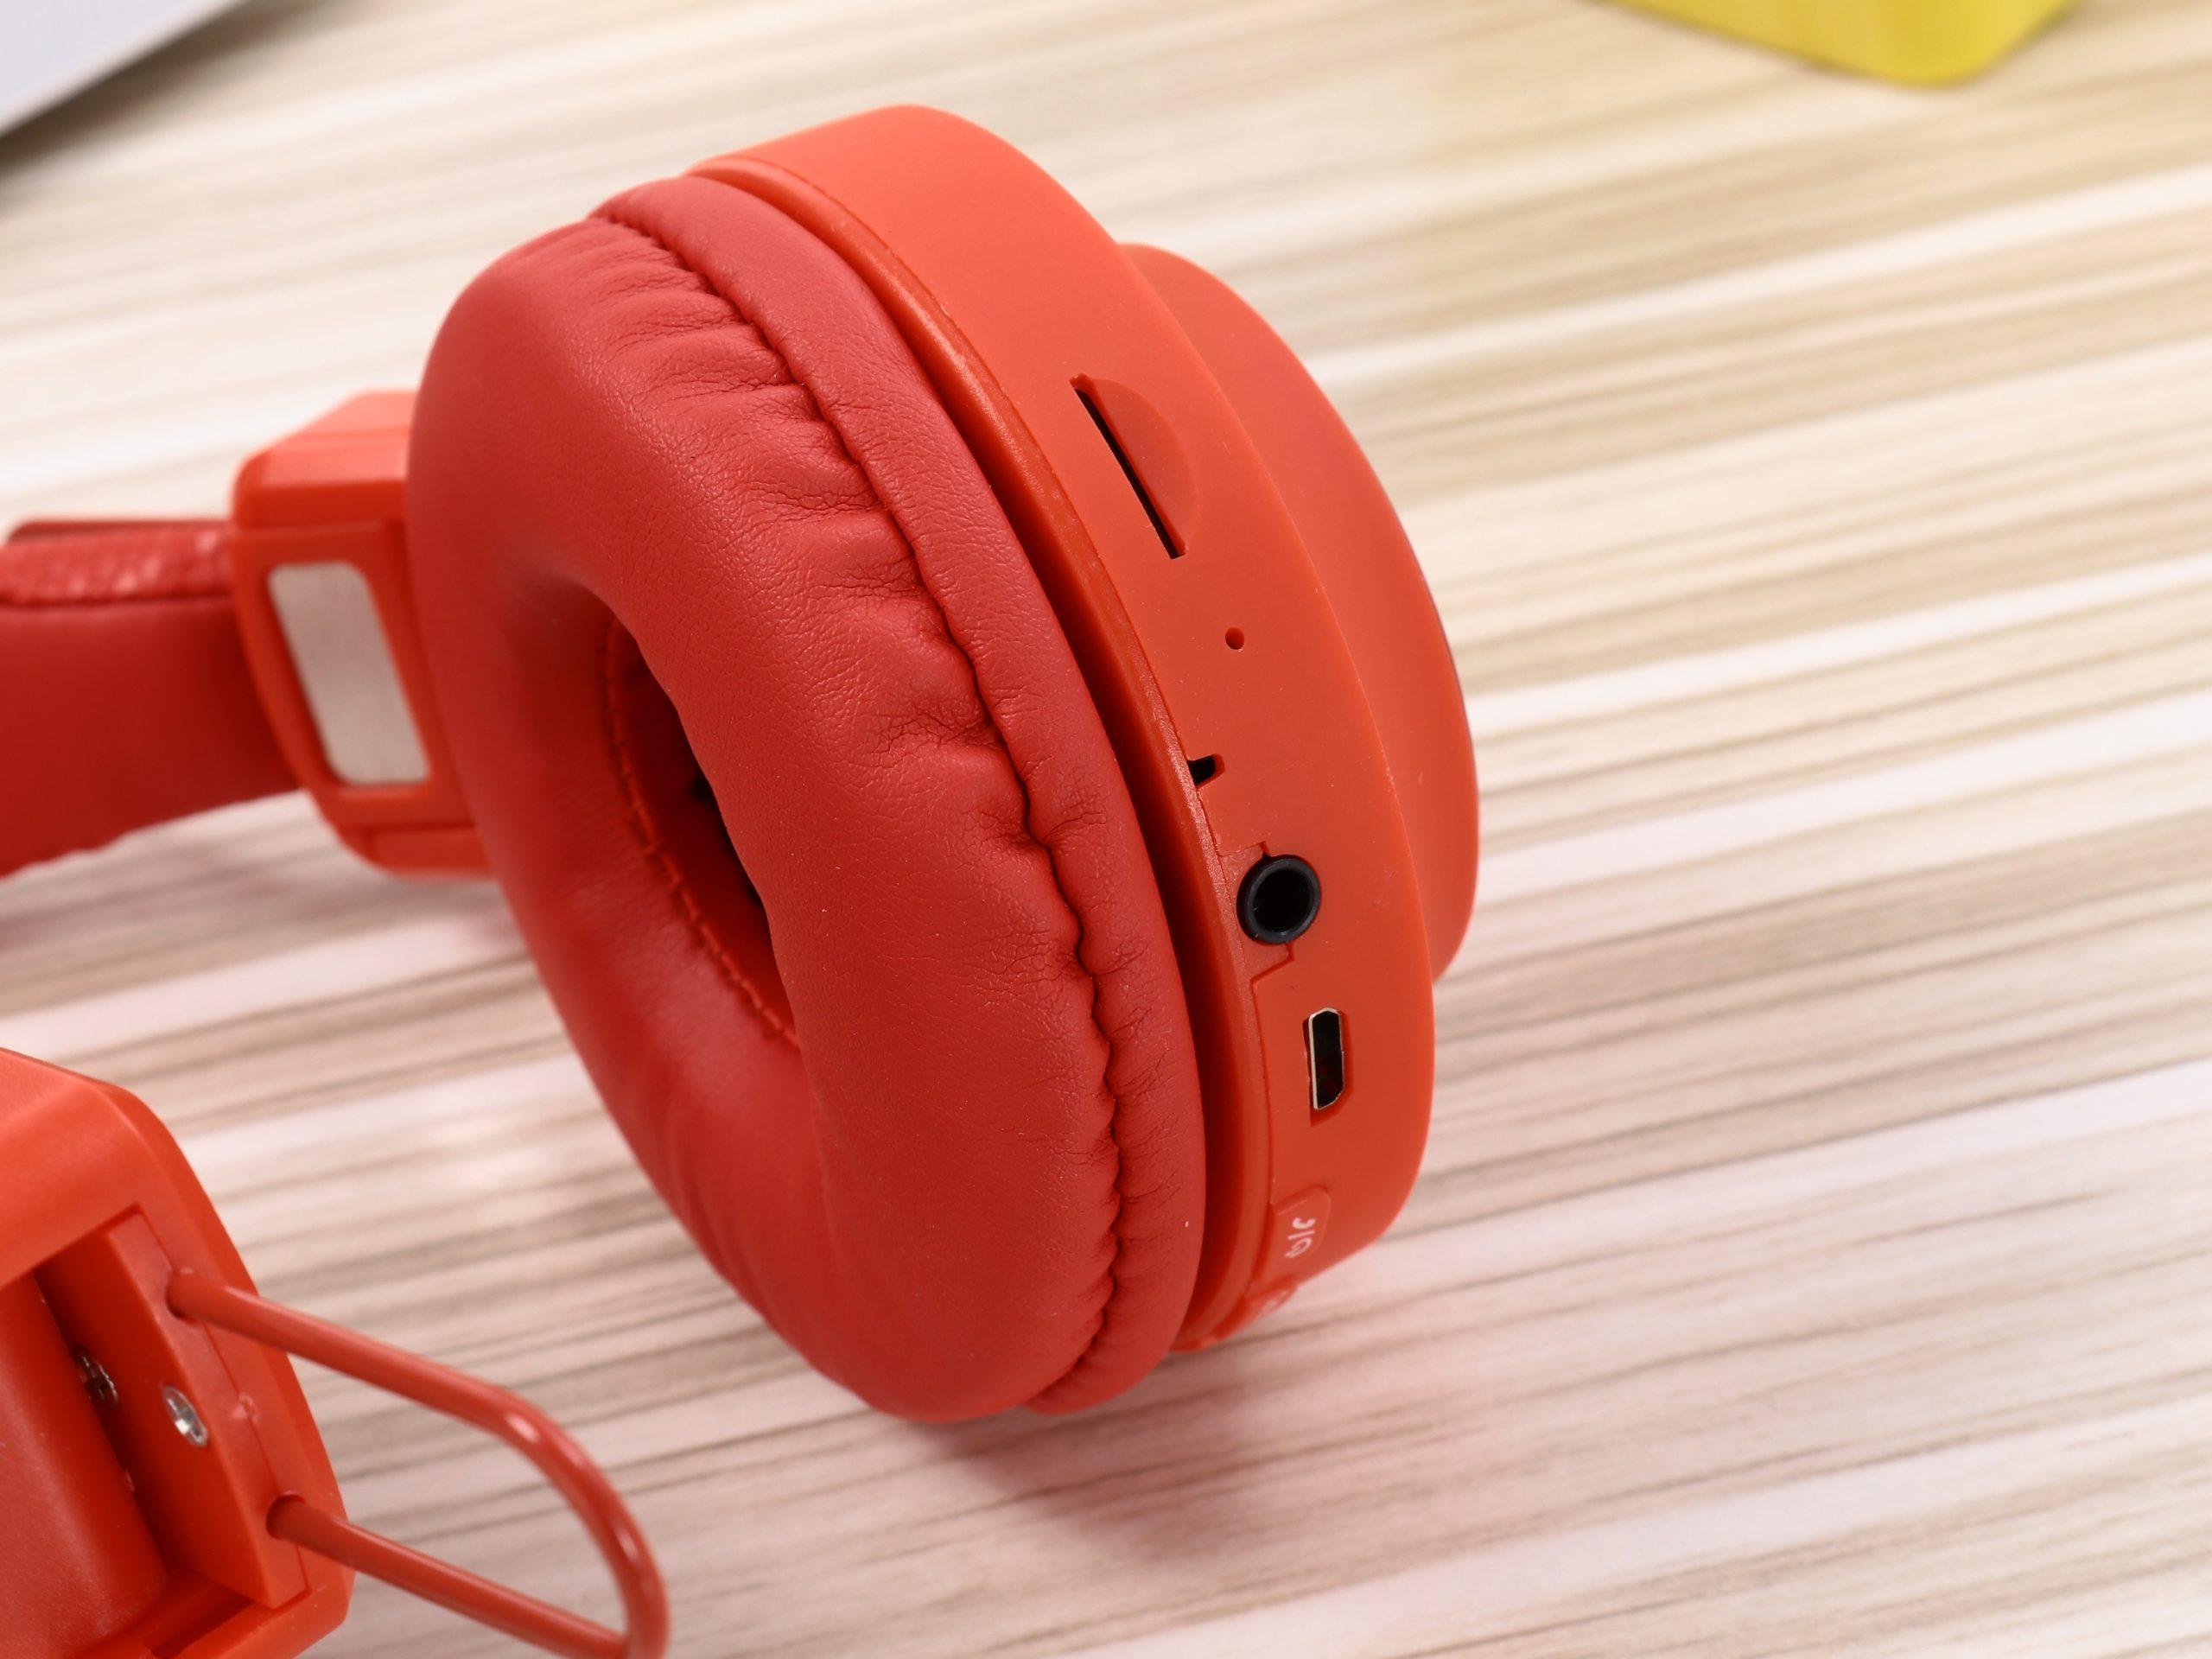 karler bass 008 ασυρματα headphones διαφημιστικό 2